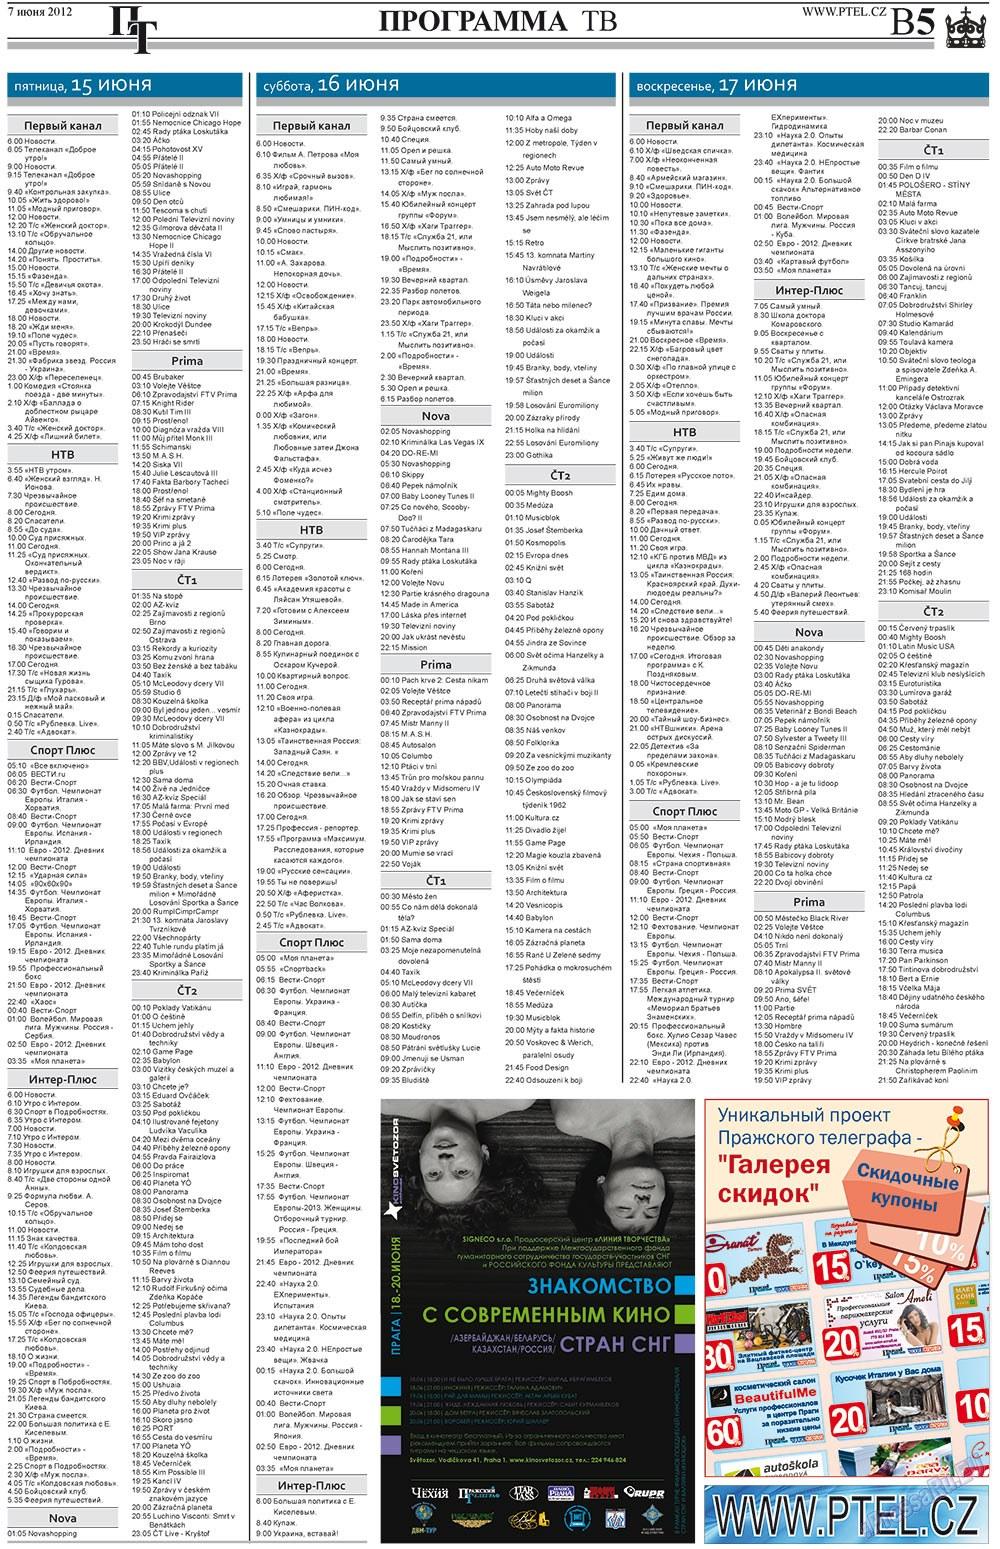 Пражский телеграф (газета). 2012 год, номер 23, стр. 13